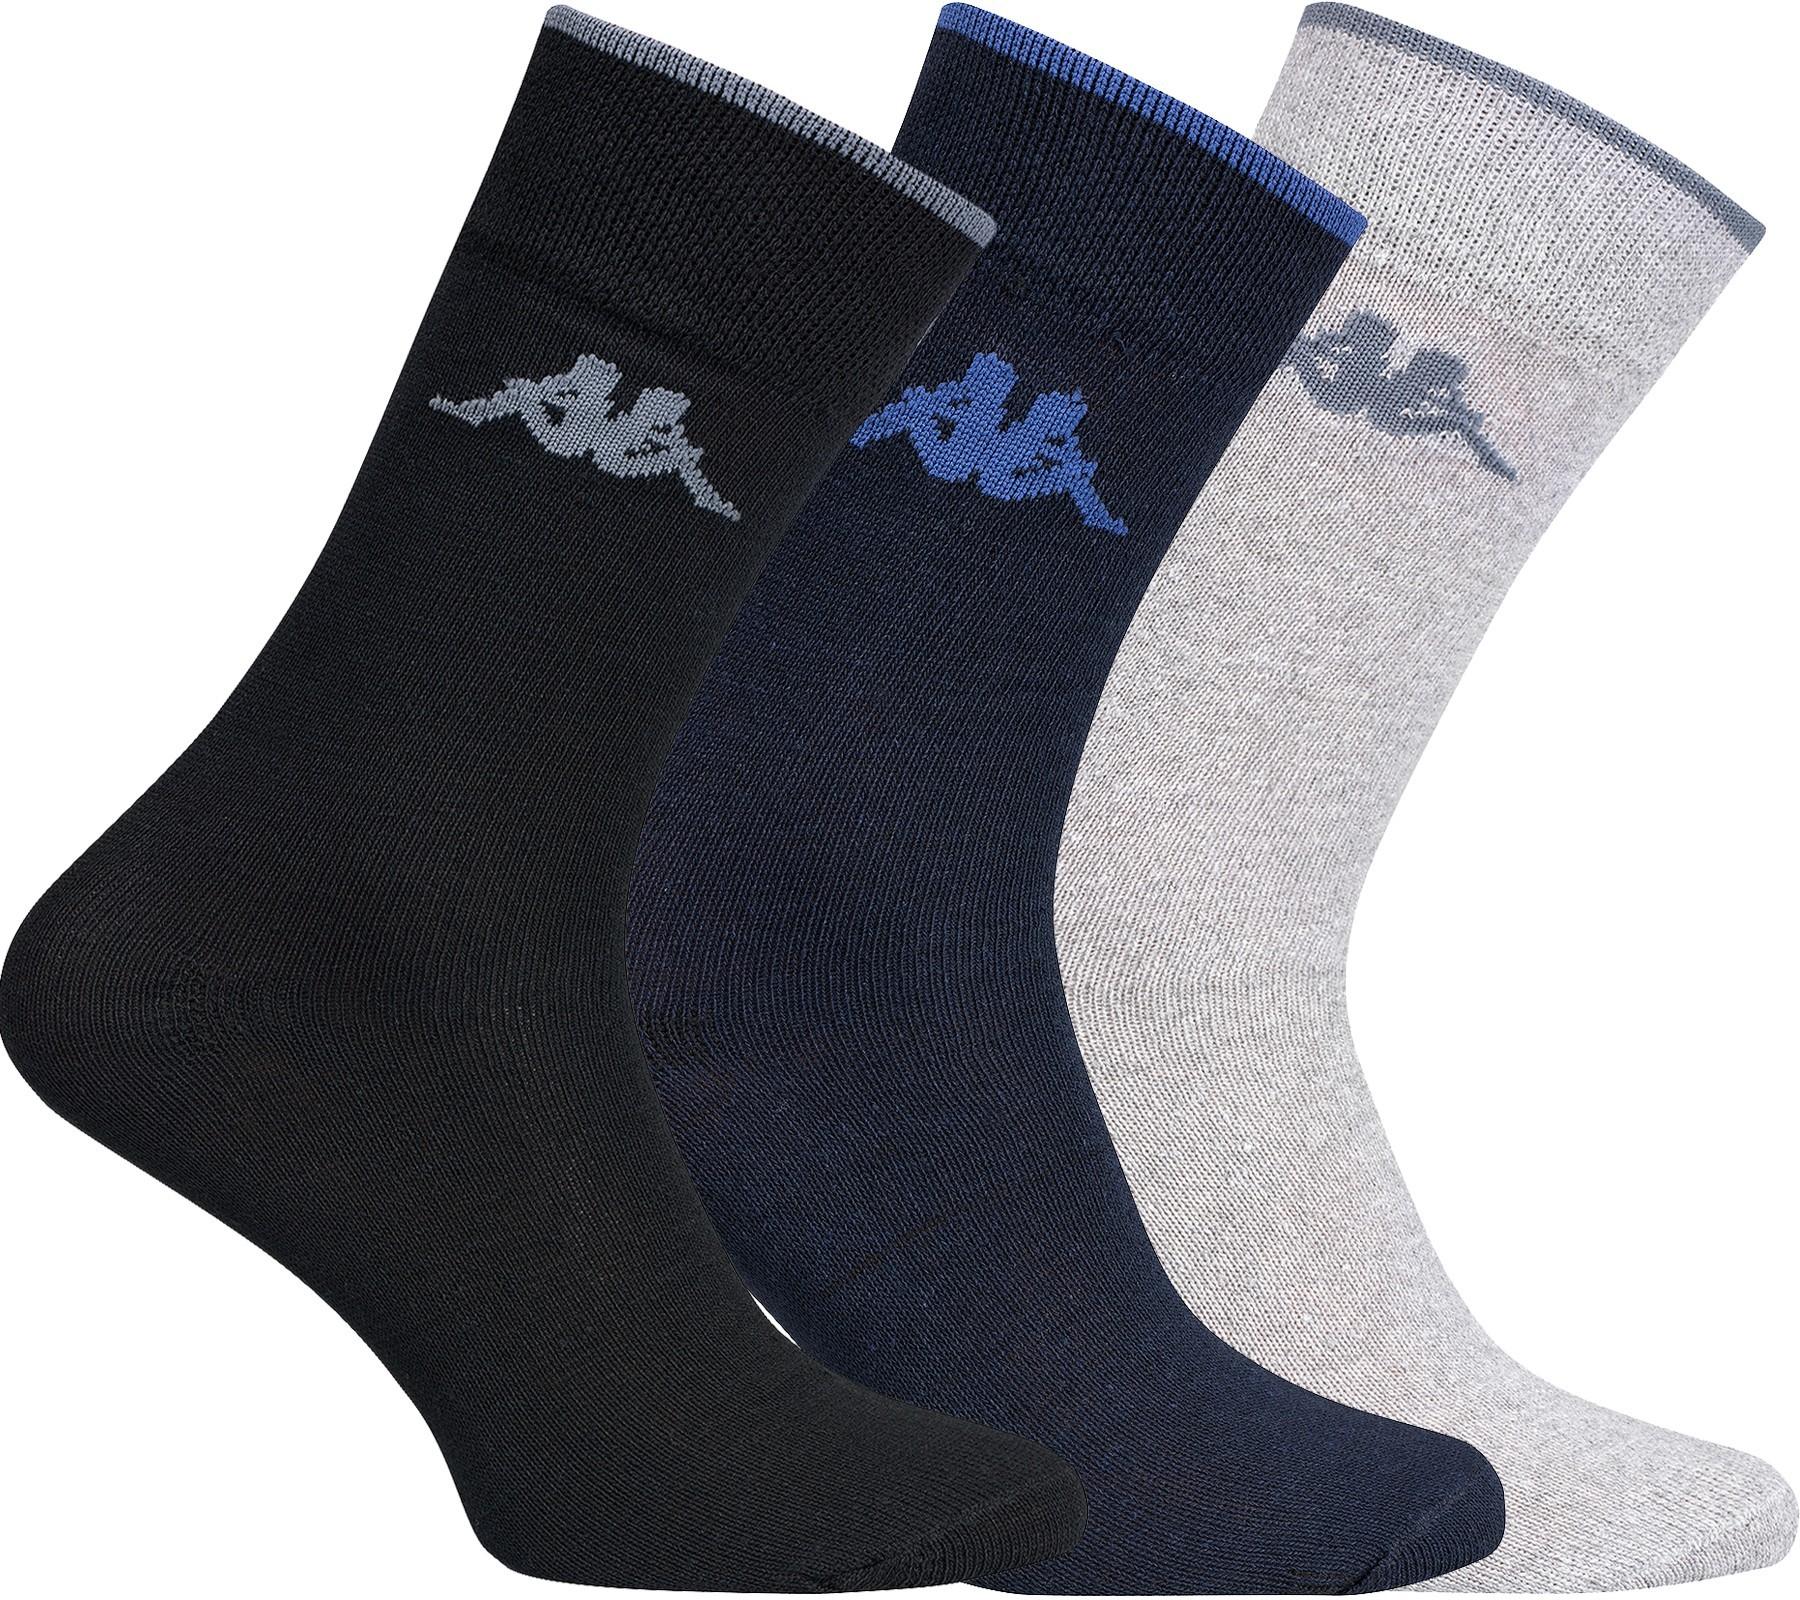 20x Kappa Socken 39-42 und 43-46 / schwarz / blau / grau